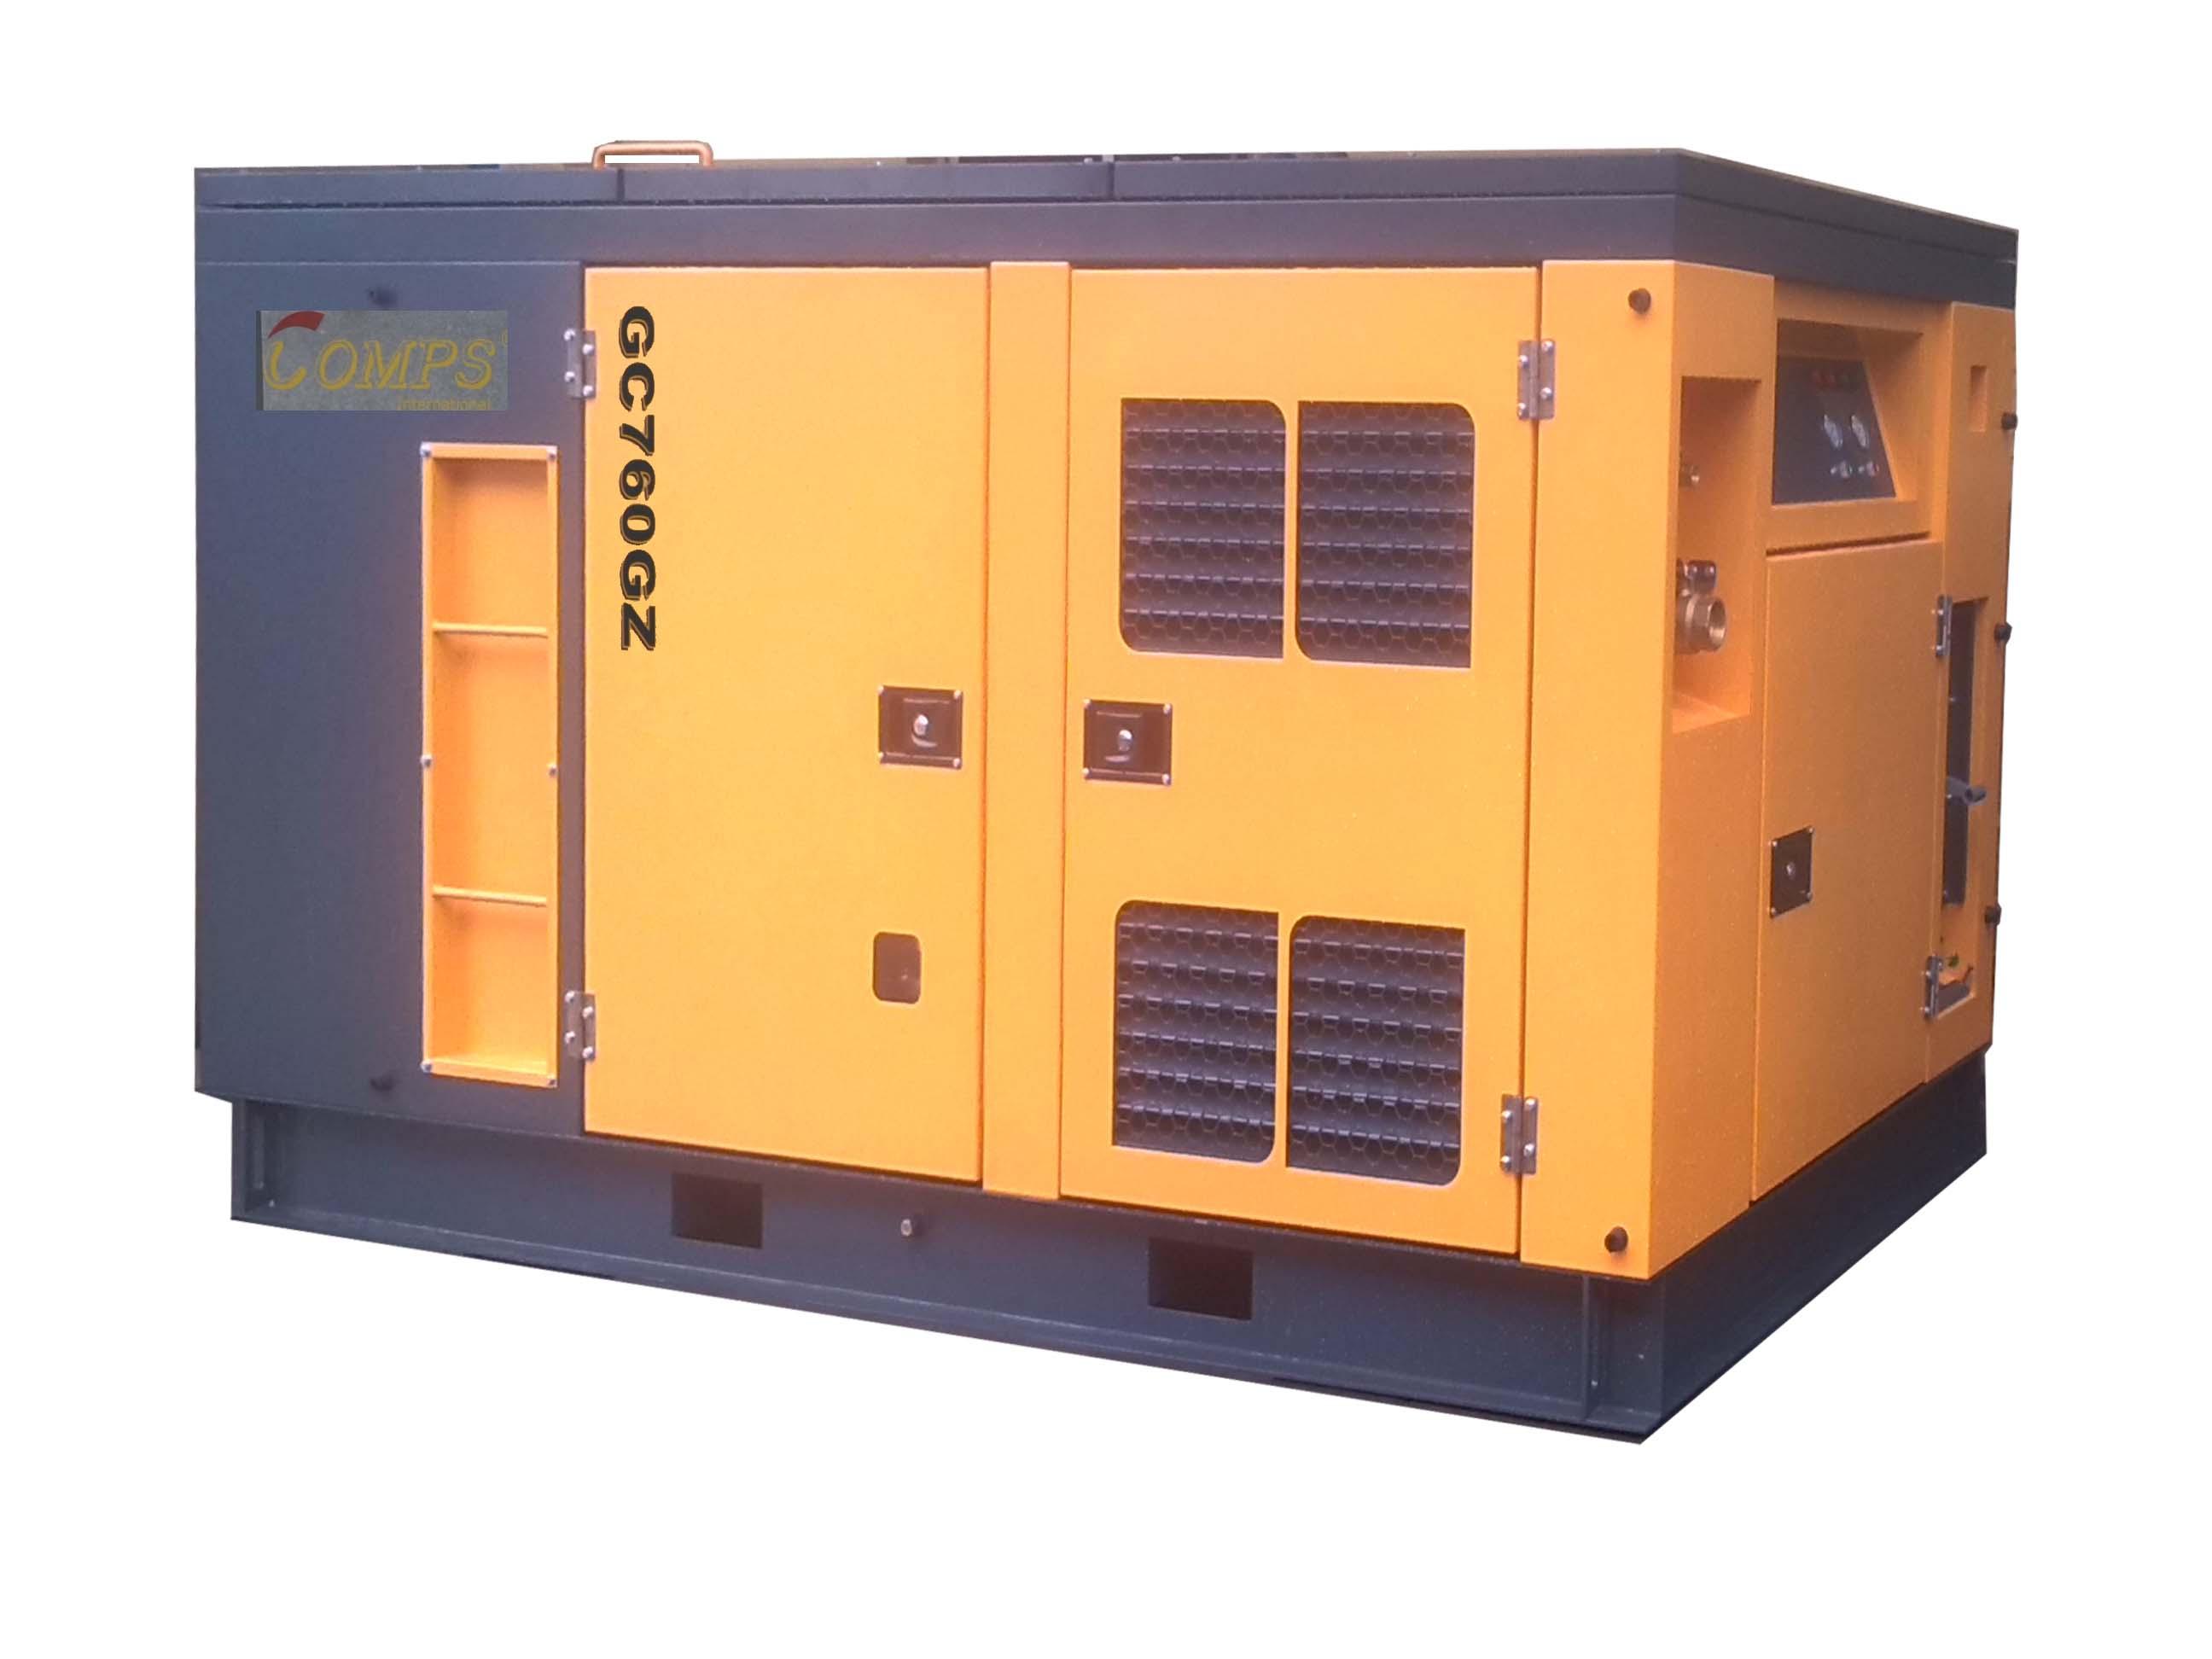 康普斯变频SPM780空压机